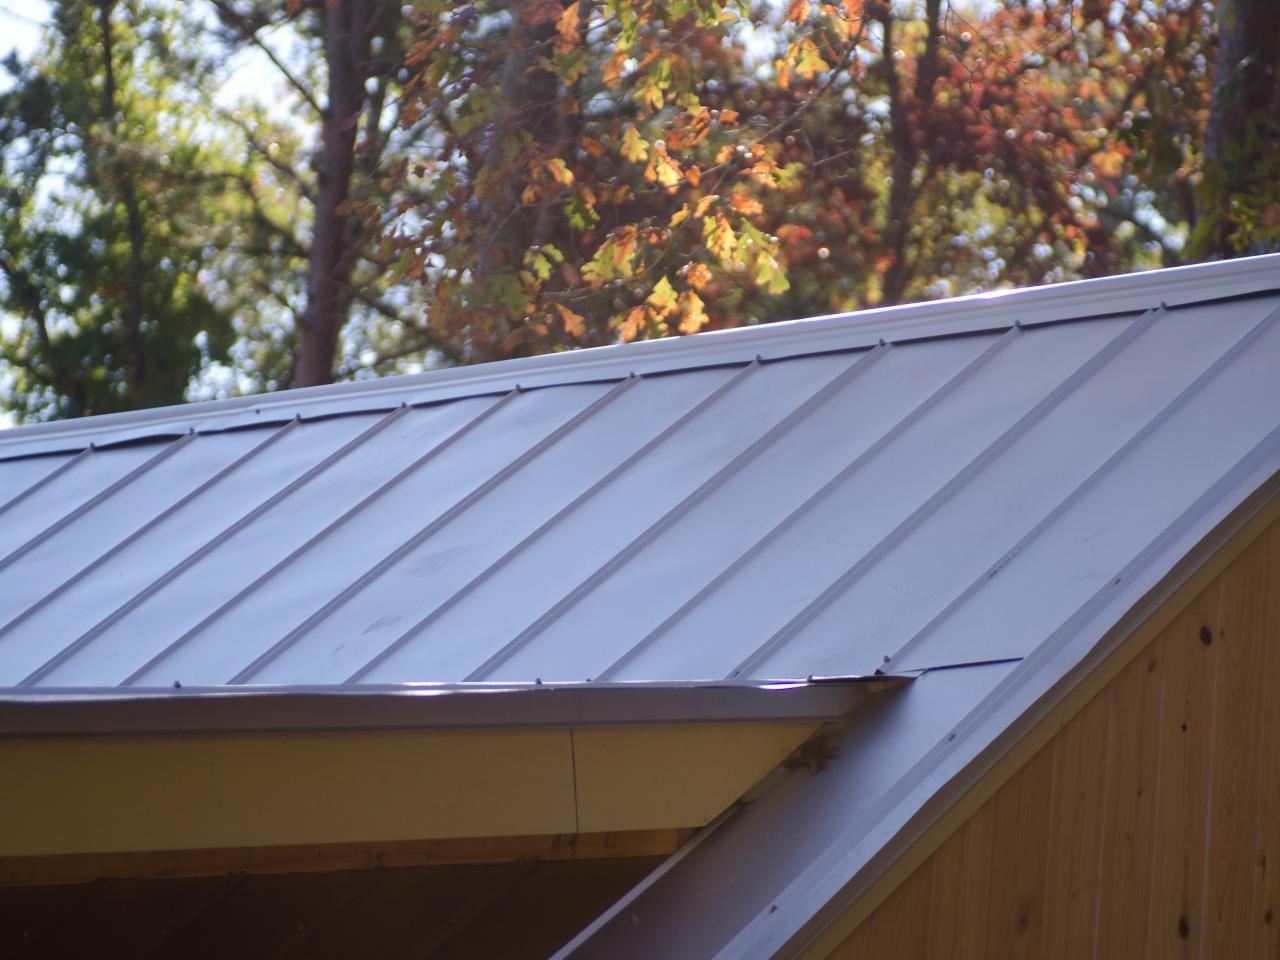 پوشش شیبدار فلزی در ۲ نوع پنل و ورق و شینگل -بررسی معایب و مضایای